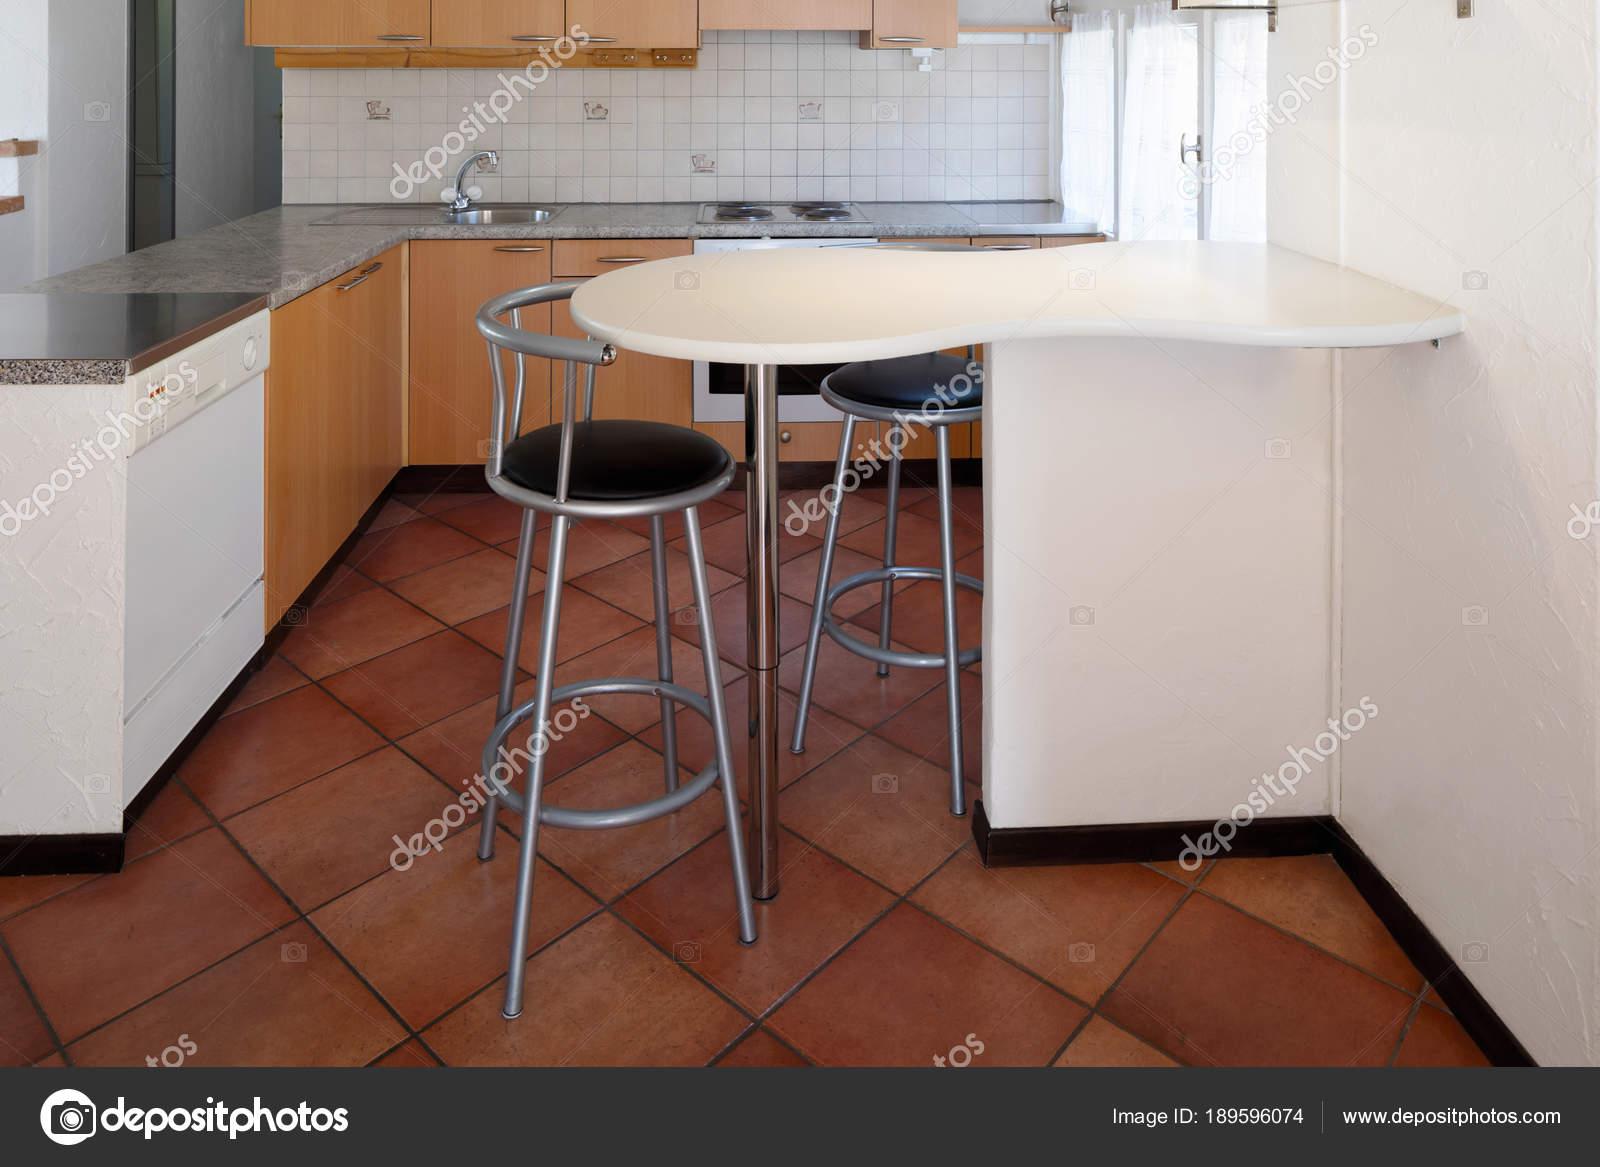 Cucina in legno dellannata e sgabelli u2014 foto stock © zveiger #189596074